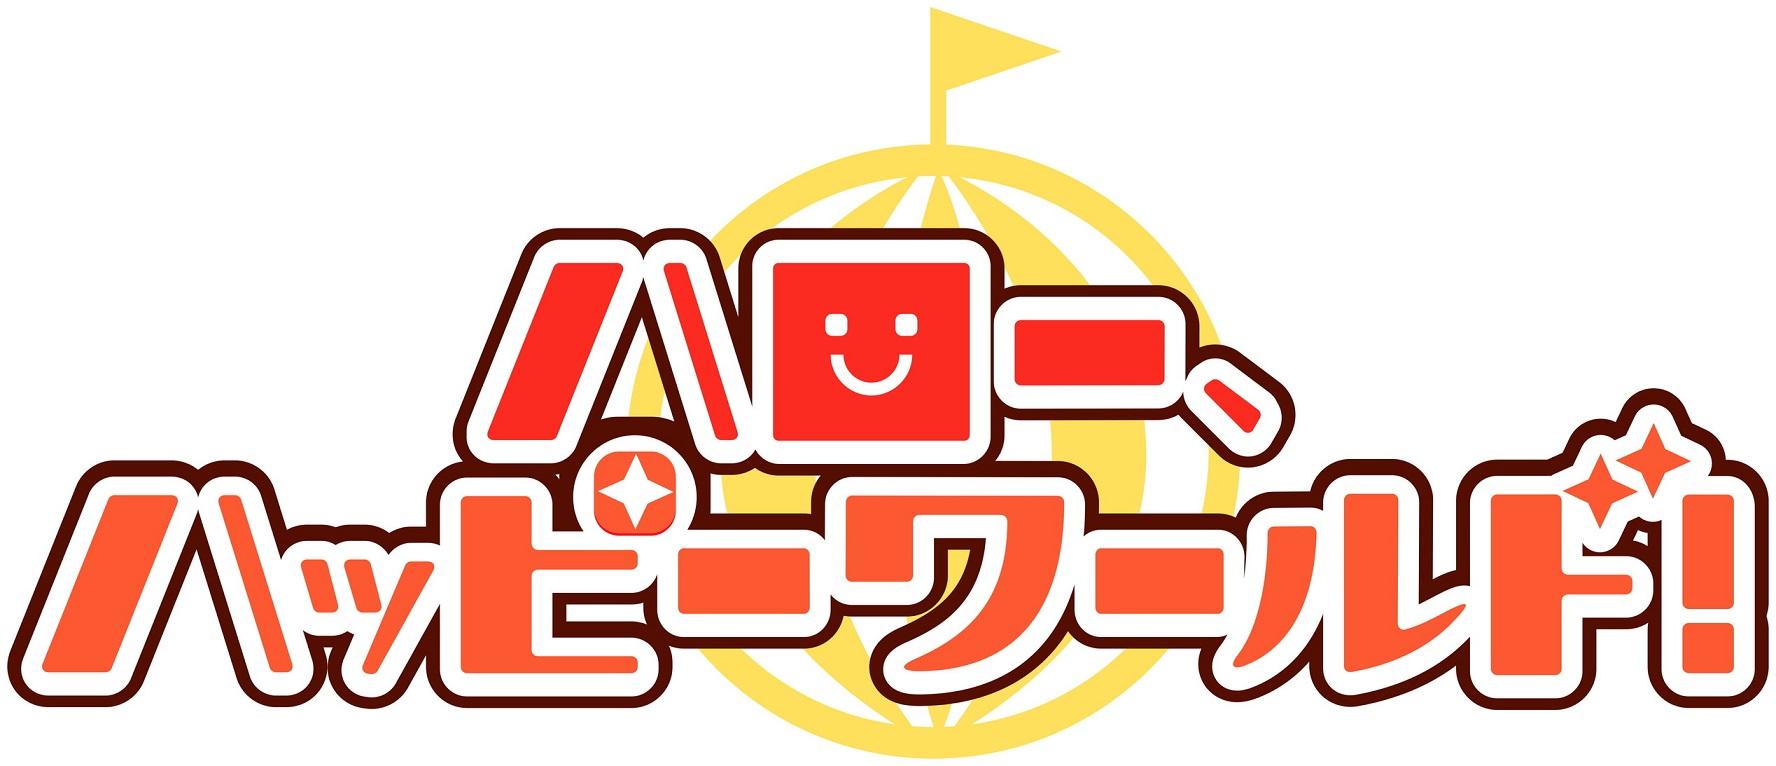 ハロー、ハッピーワールド!5th Single「えがお・シング・あ・ソング」